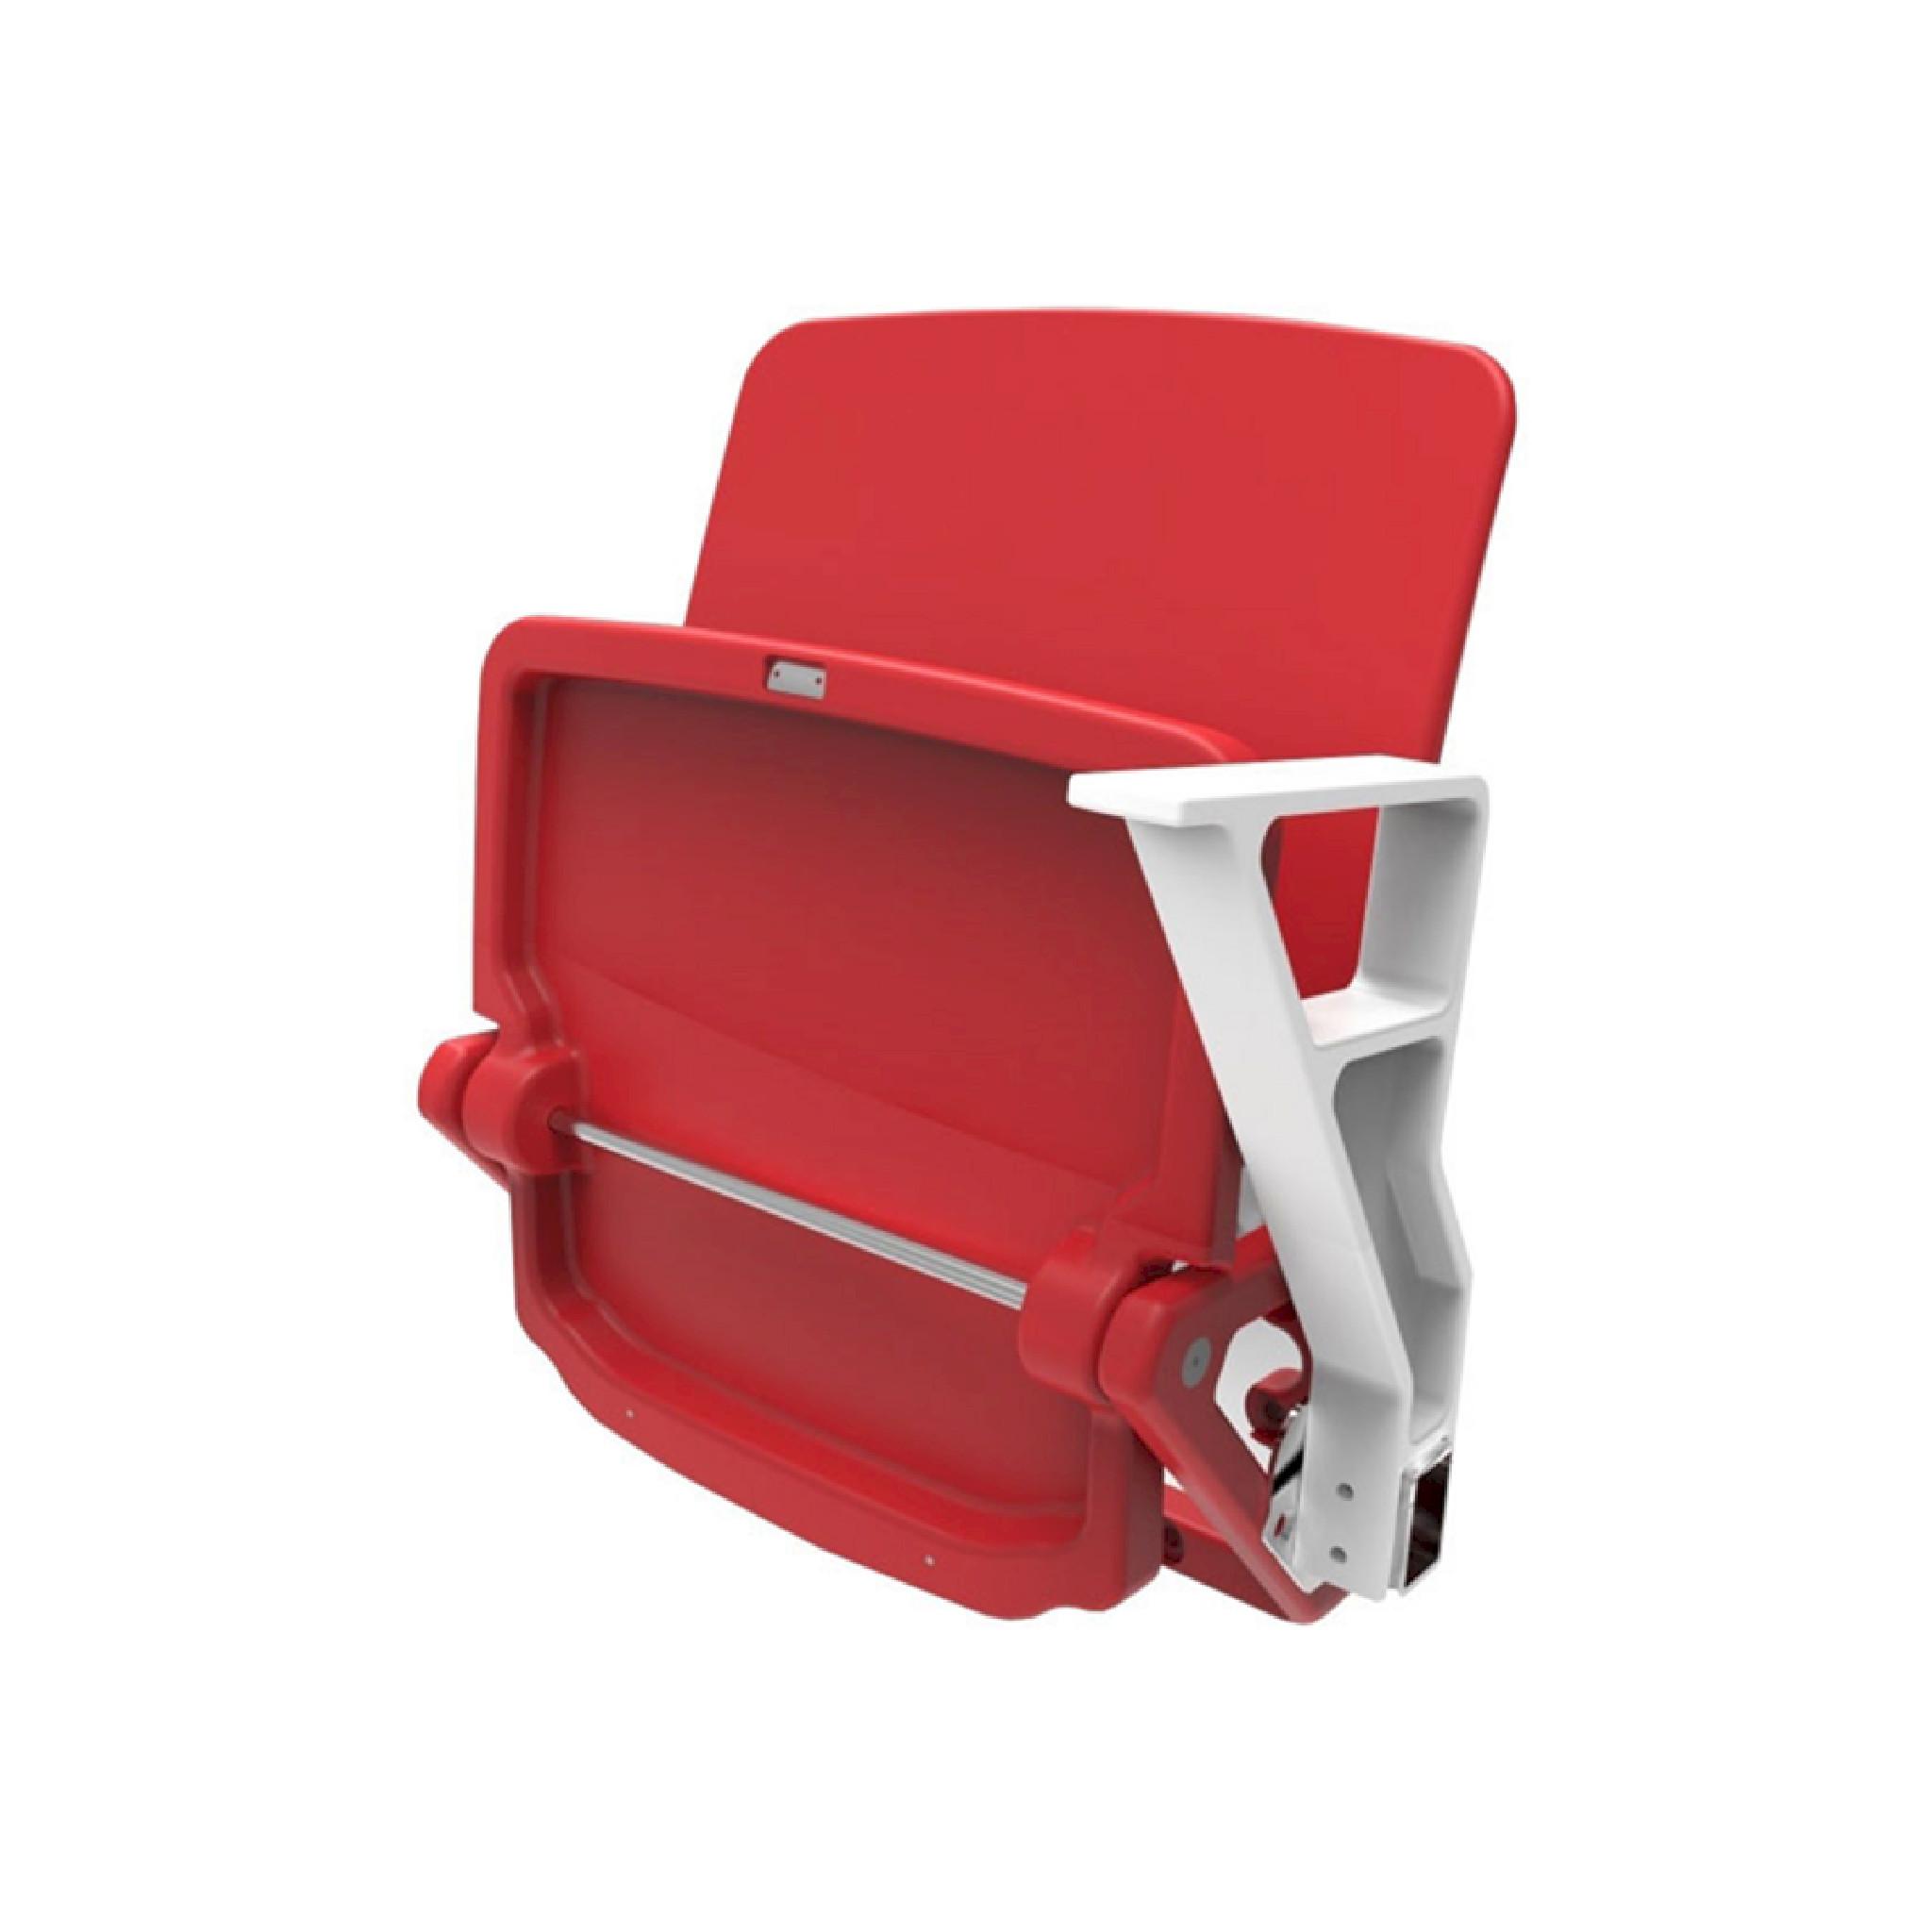 omega_tipup_stadium_chair_seatorium_01